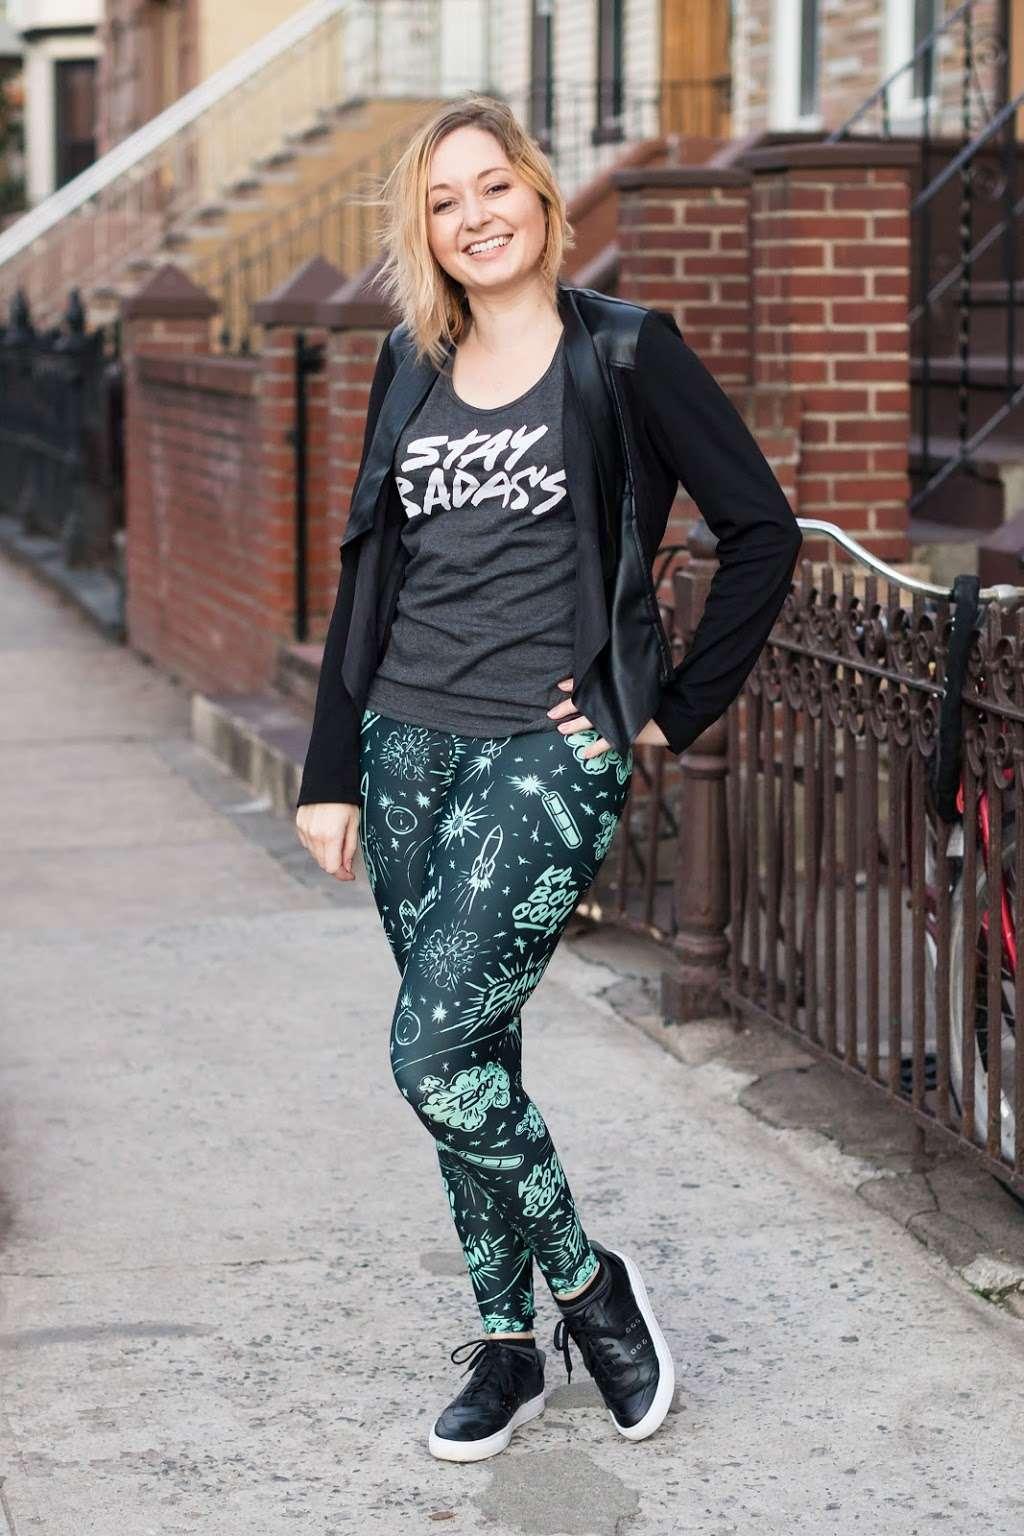 jordandené - clothing store    Photo 2 of 10   Address: F1, 227 Wyckoff Ave, Brooklyn, NY 11237, USA